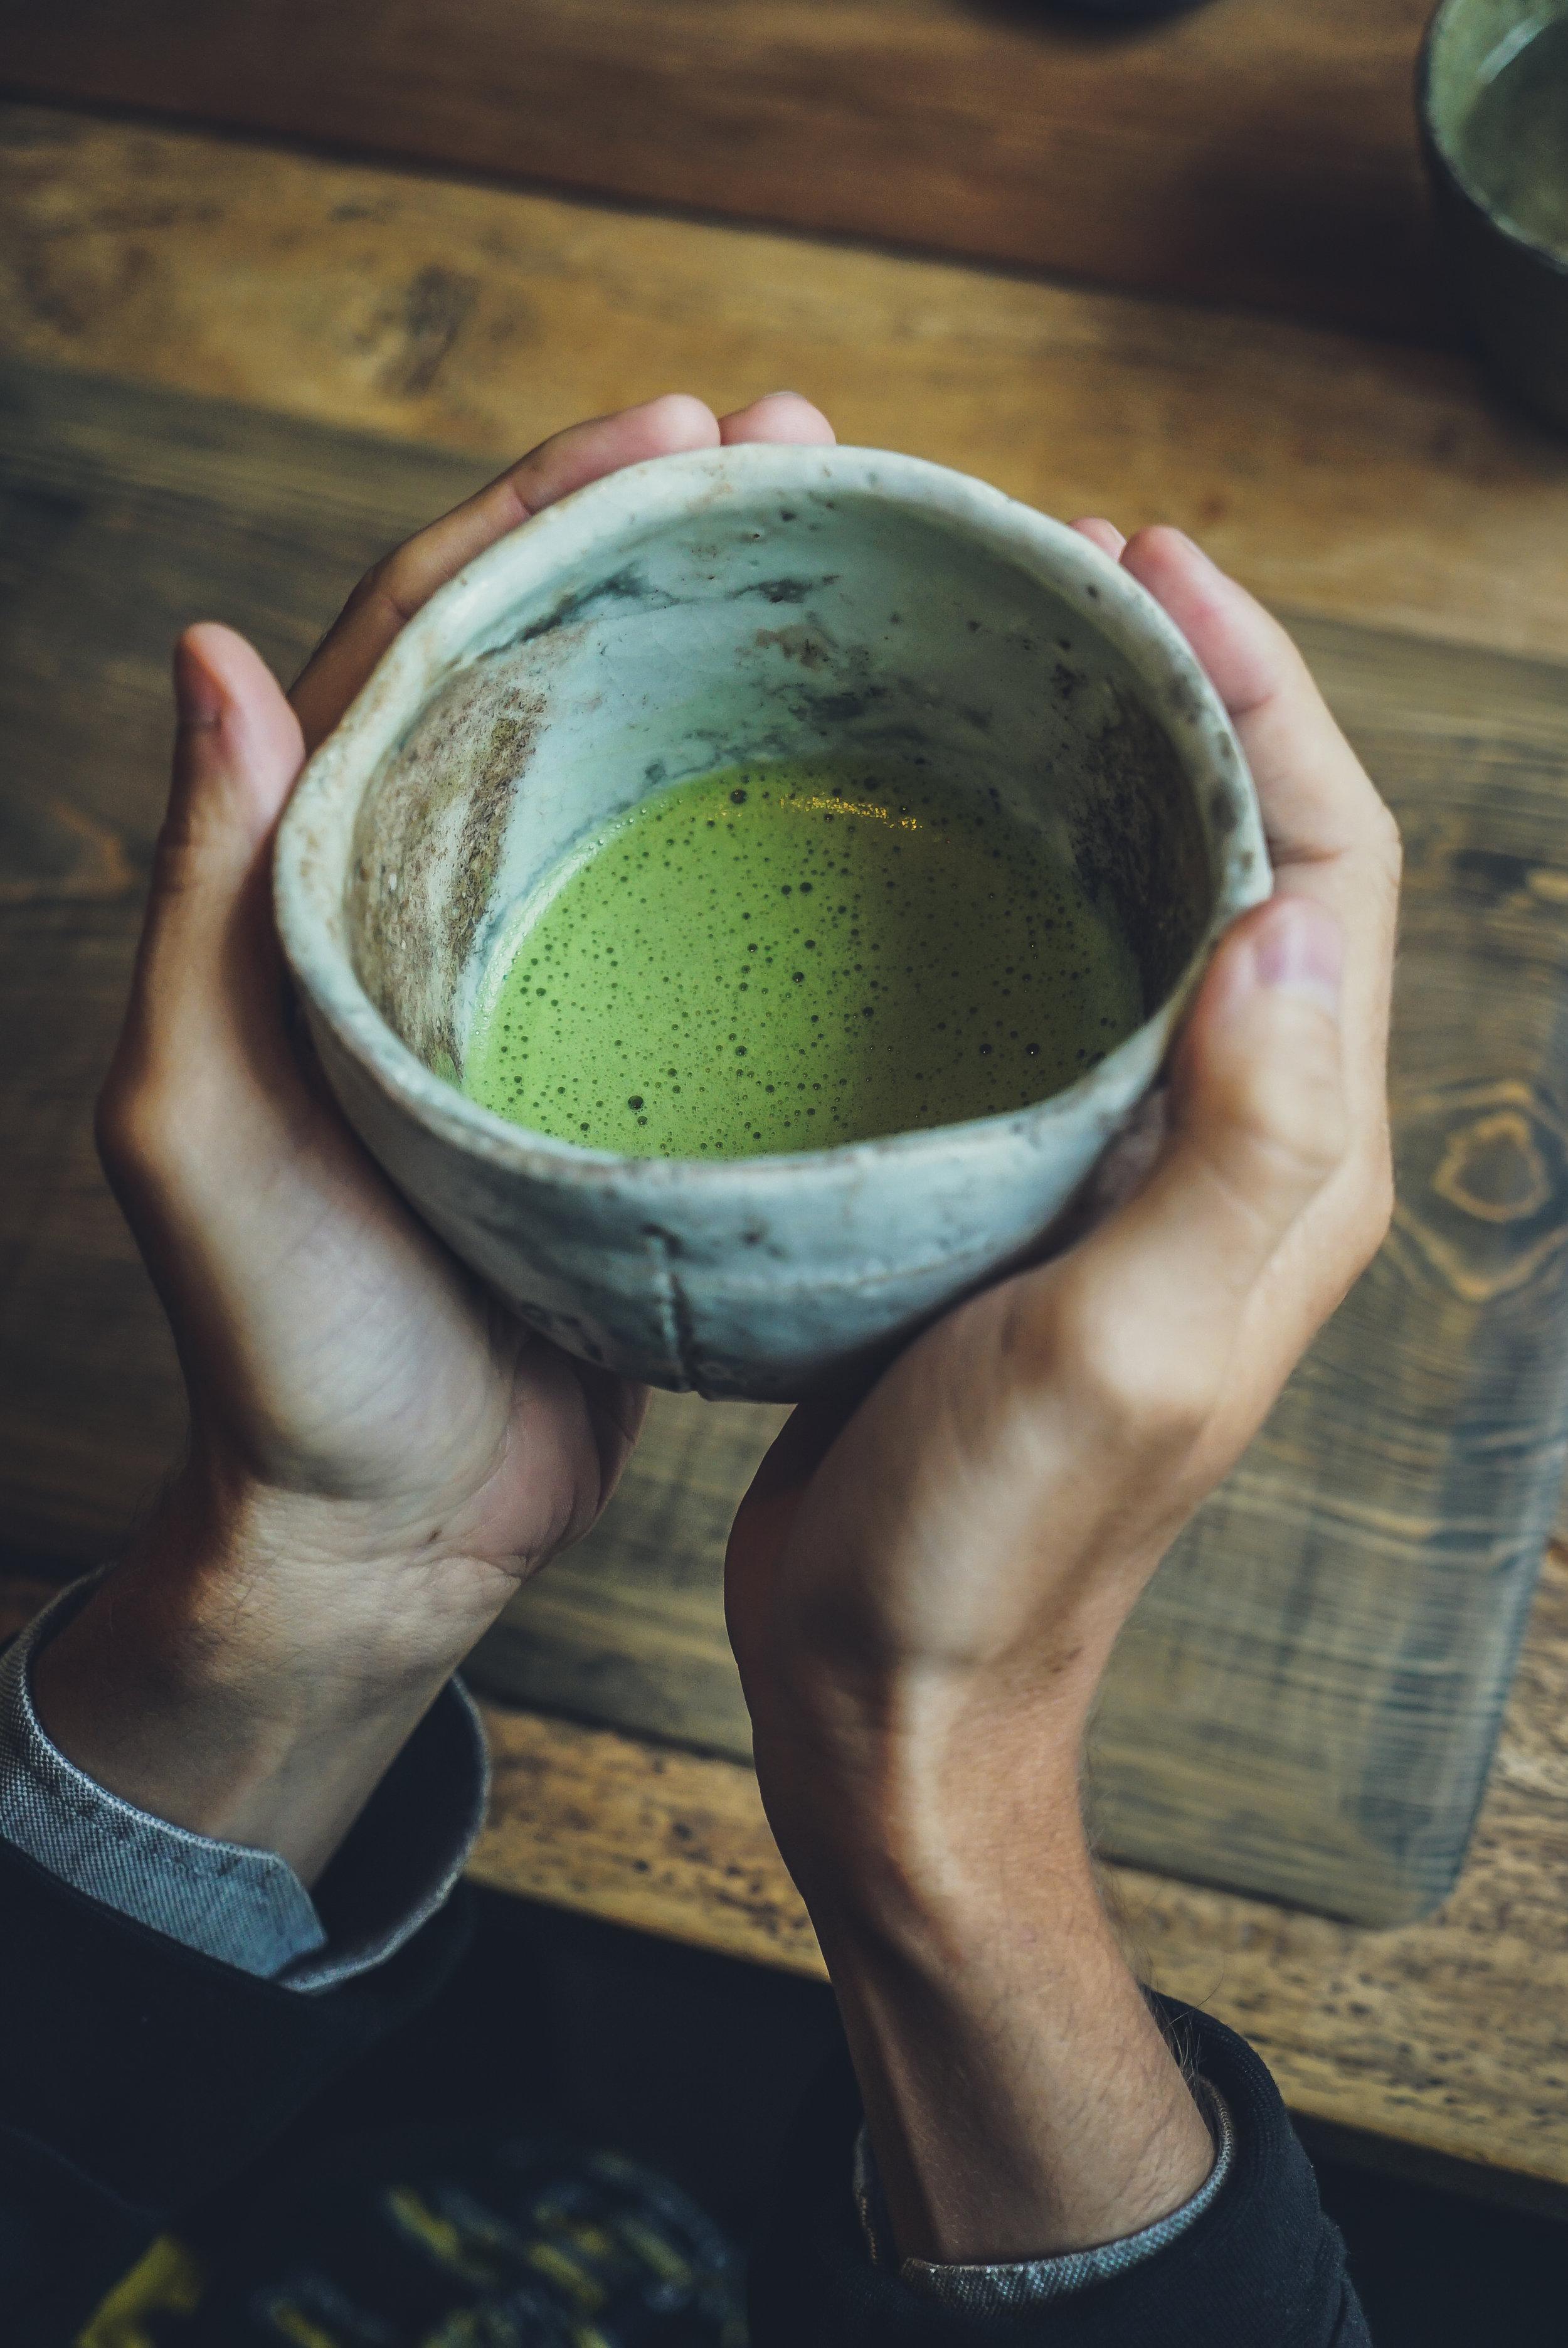 Découvrez le meilleur des thés biologiques japonais, sélectionnés et élaborés avec nos partenaires locaux dans les régions de Uji et Kagoshima. -